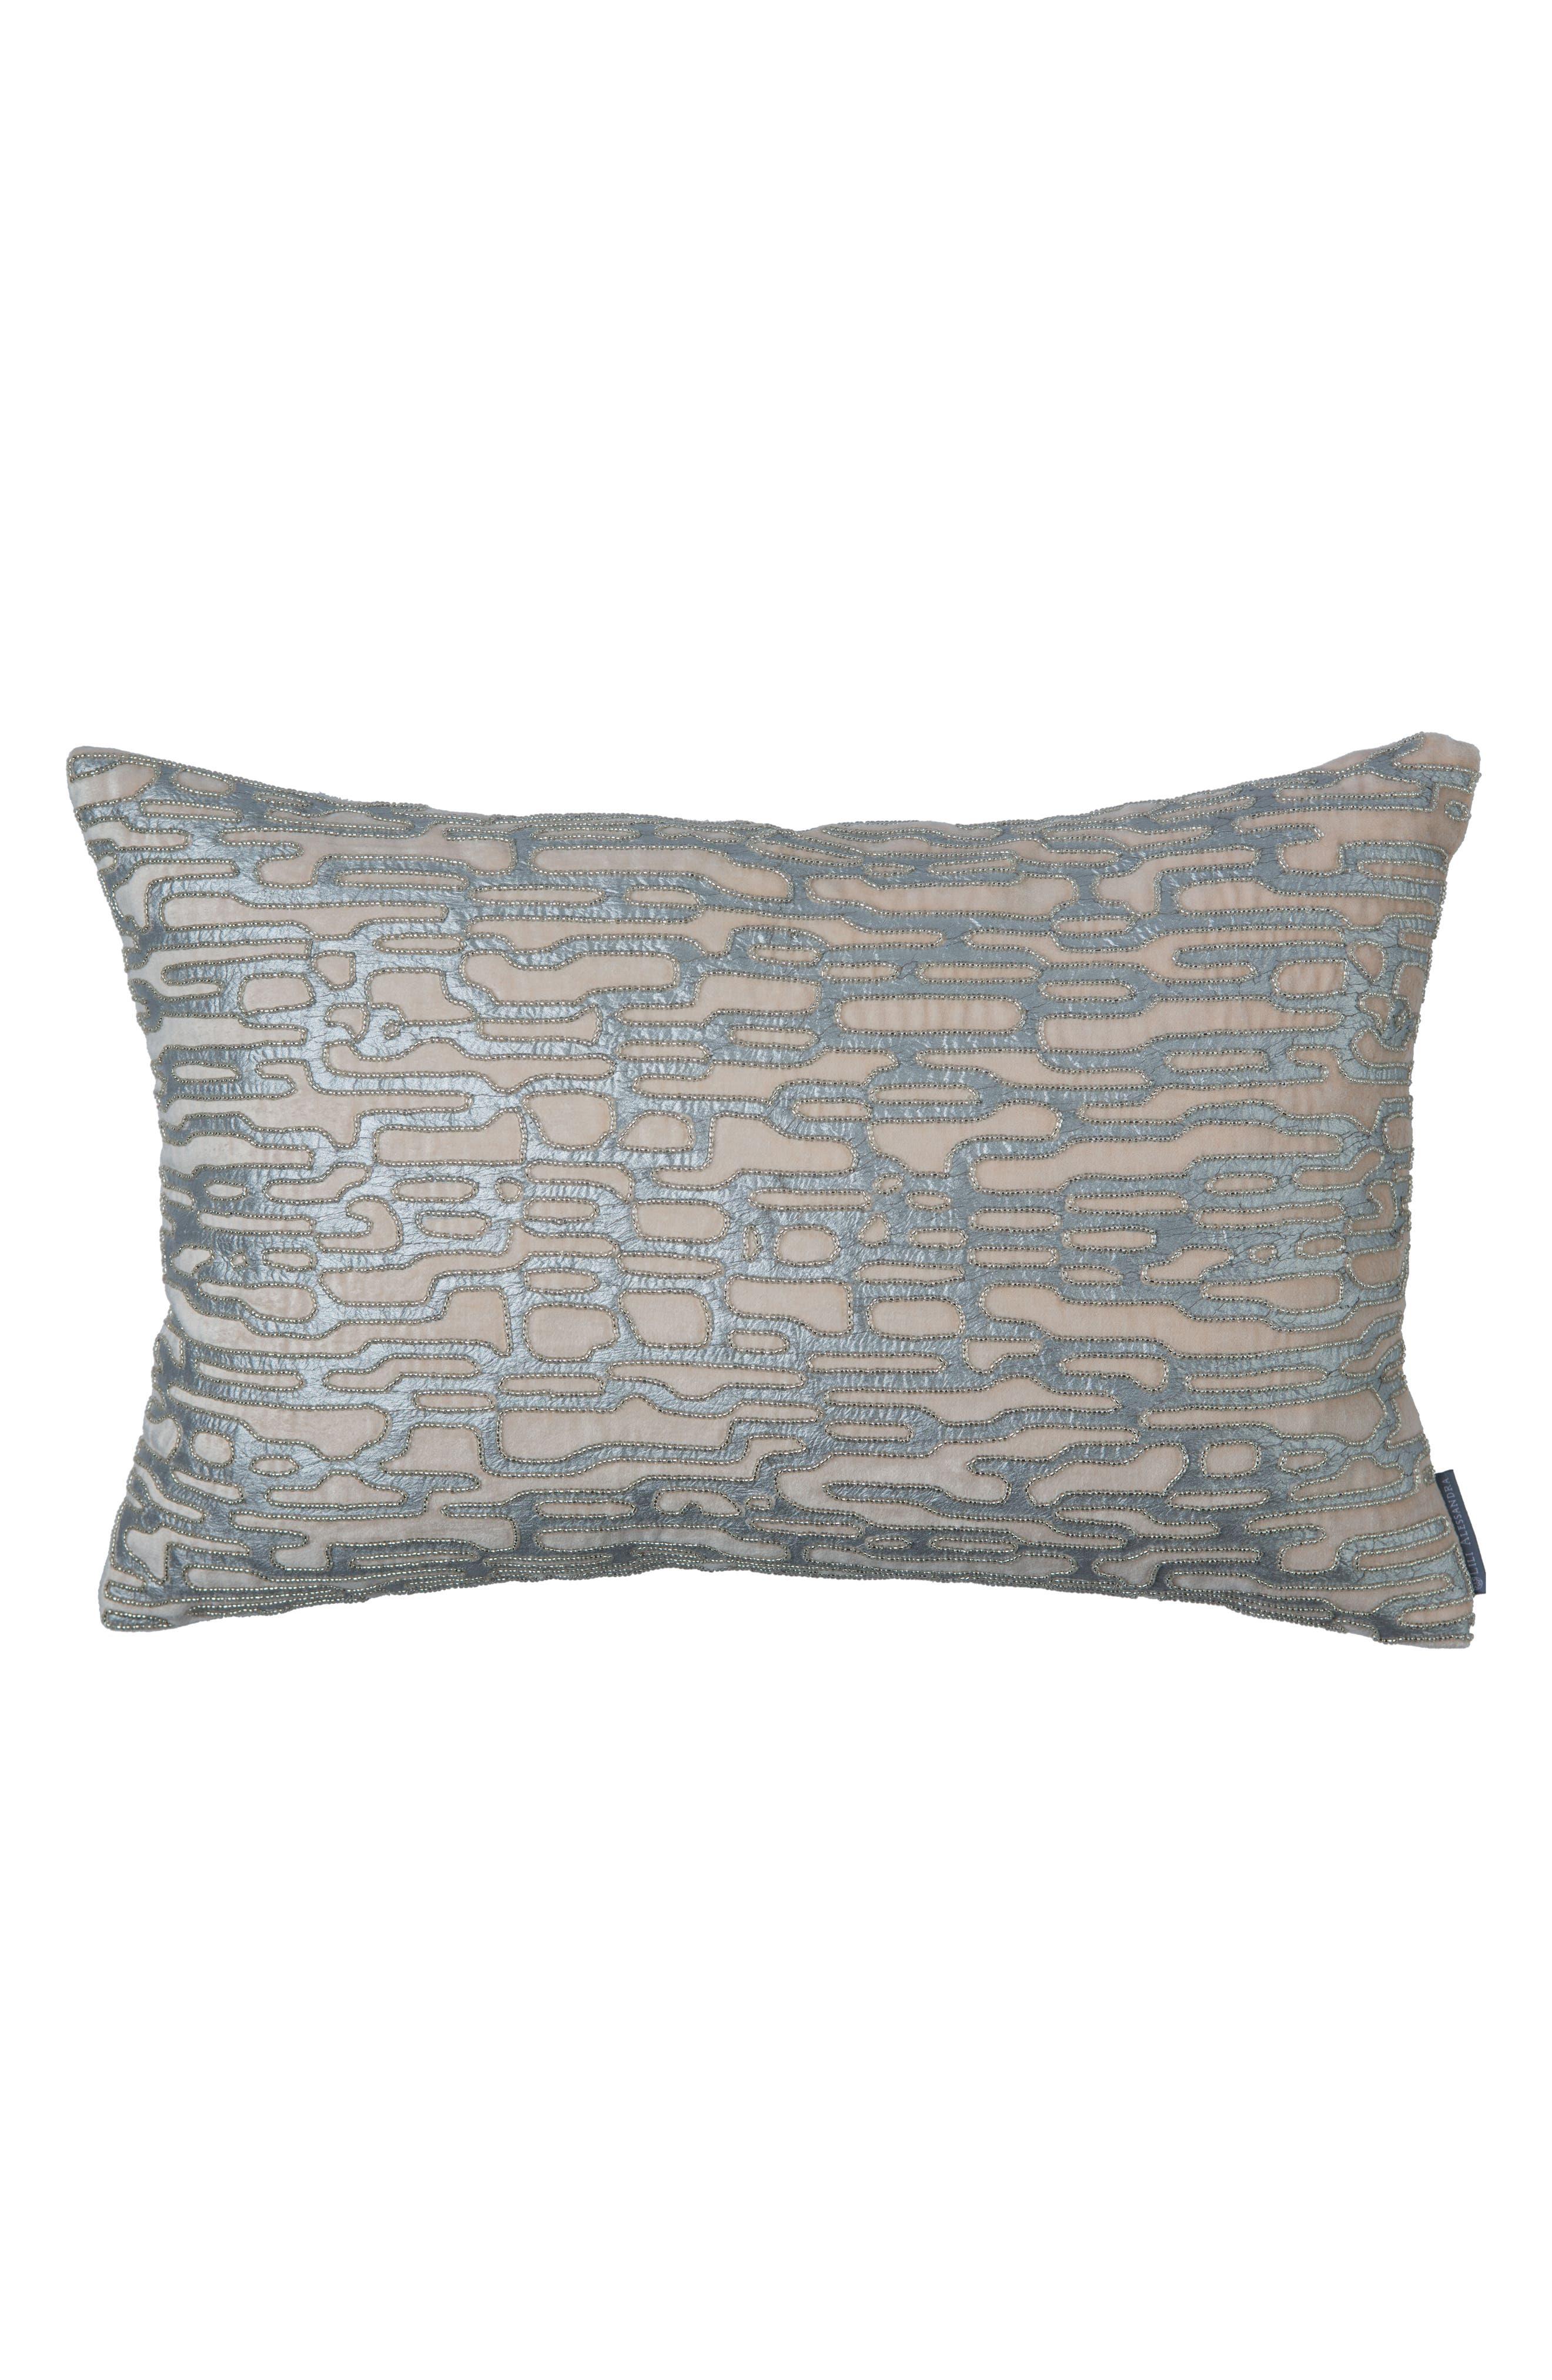 Christian Beaded Velvet Accent Pillow,                             Main thumbnail 1, color,                             020